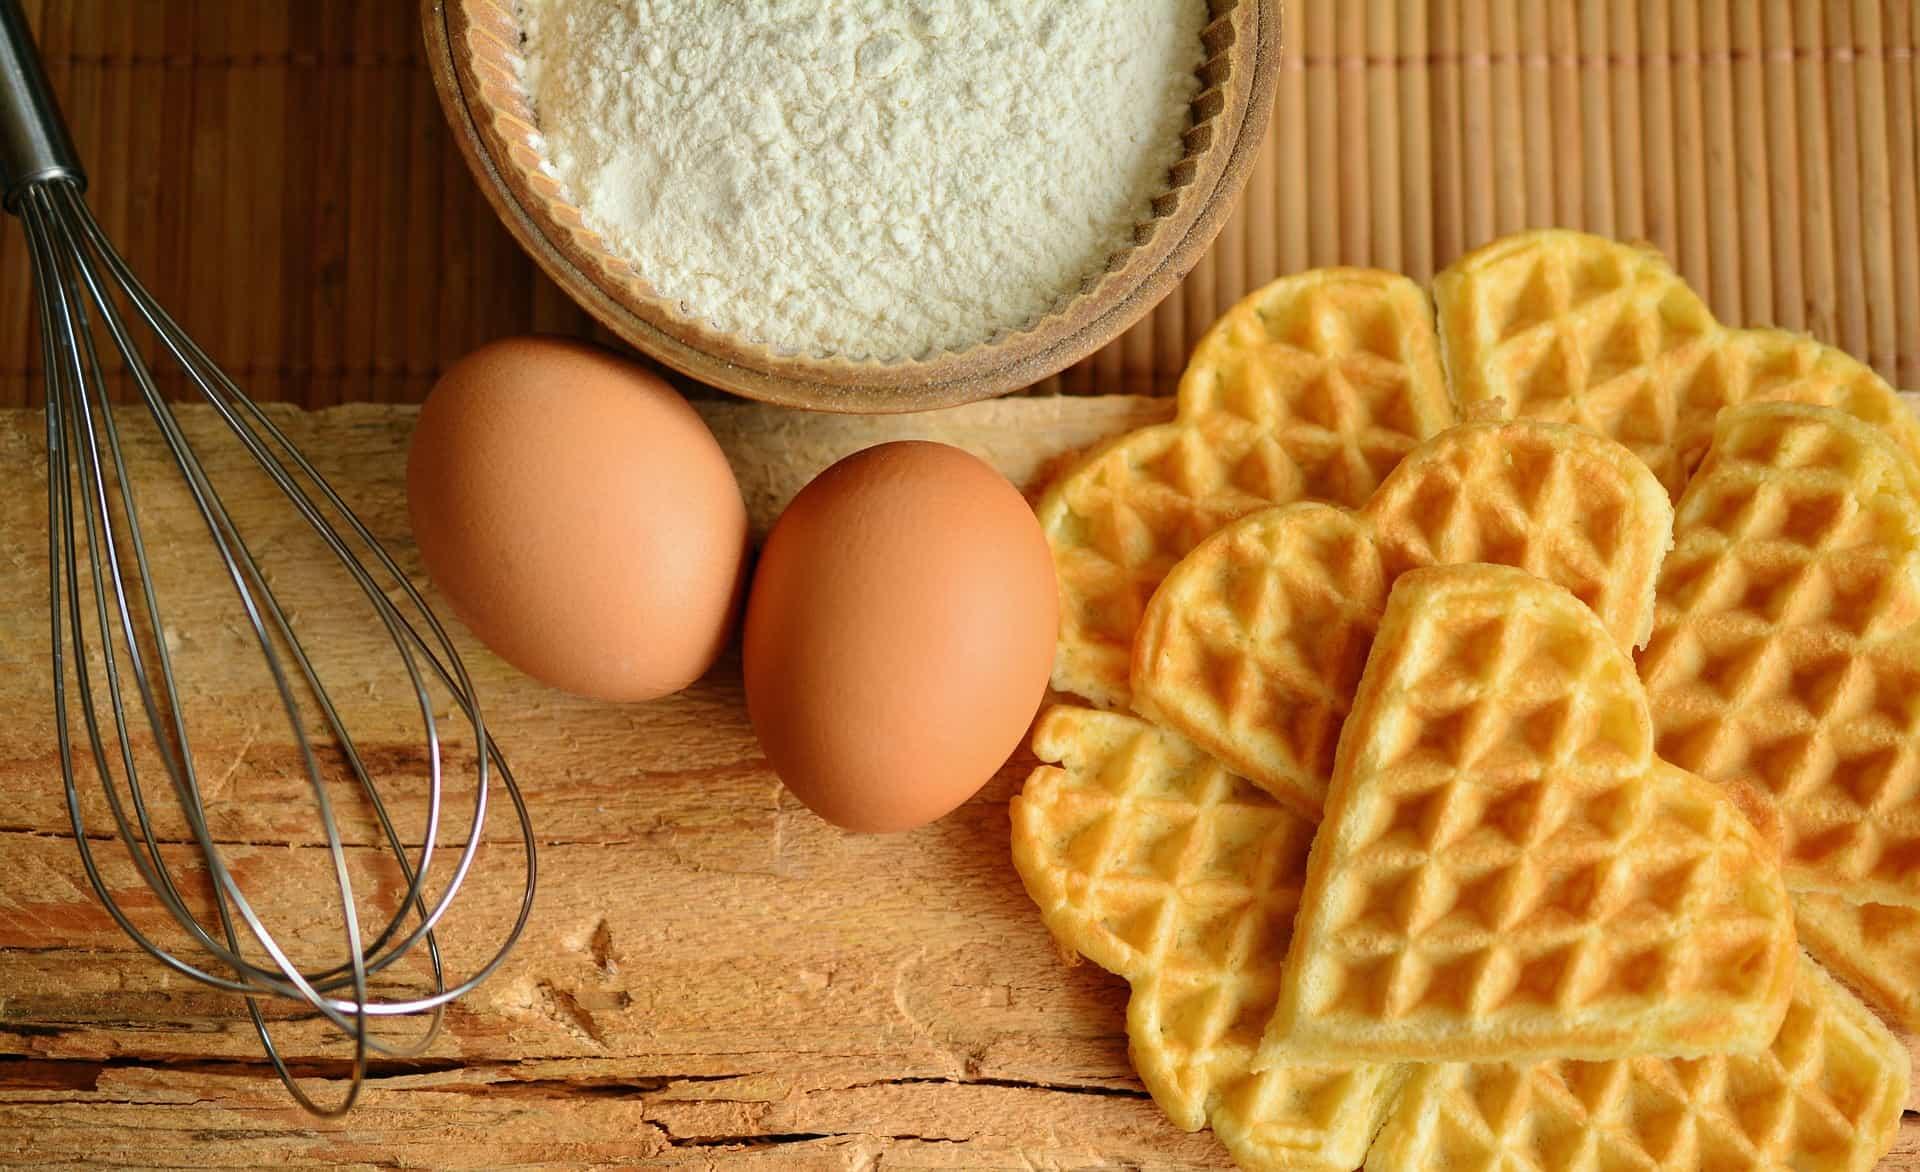 6. https://www.myprotein.it/thezone/alimentazione/uova-a-colazione-fanno-bene-quello-che-devi-sapere/